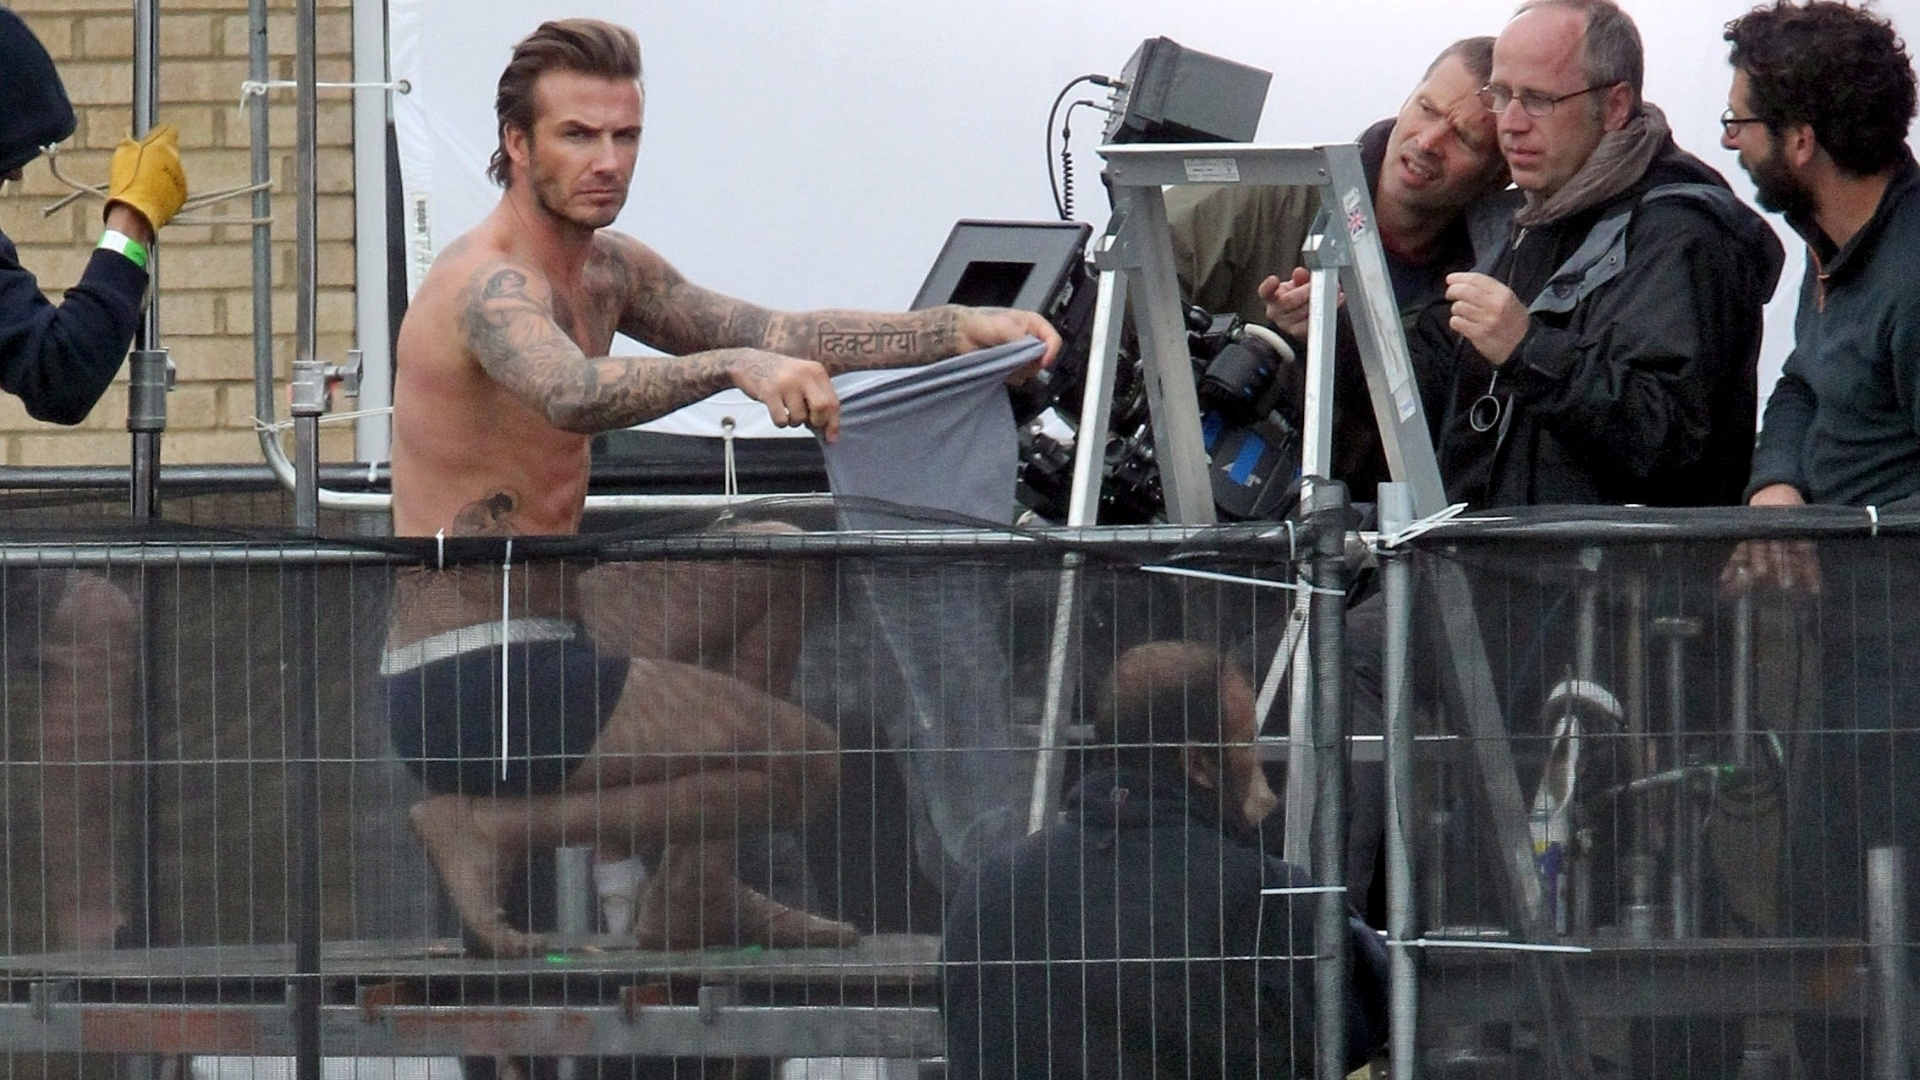 2.out.2013 - David Beckham fica só de cueca ao gravar um novo comercial para a marca H&M, que deve estrear em fevereiro de 2014. O ex-jogador, que continua em boa forma, aparece tirando a camisa, arrumando a cueca e correndo no telhado da cervejaria Old Trumam Brewery, em Brick Lane, Londres